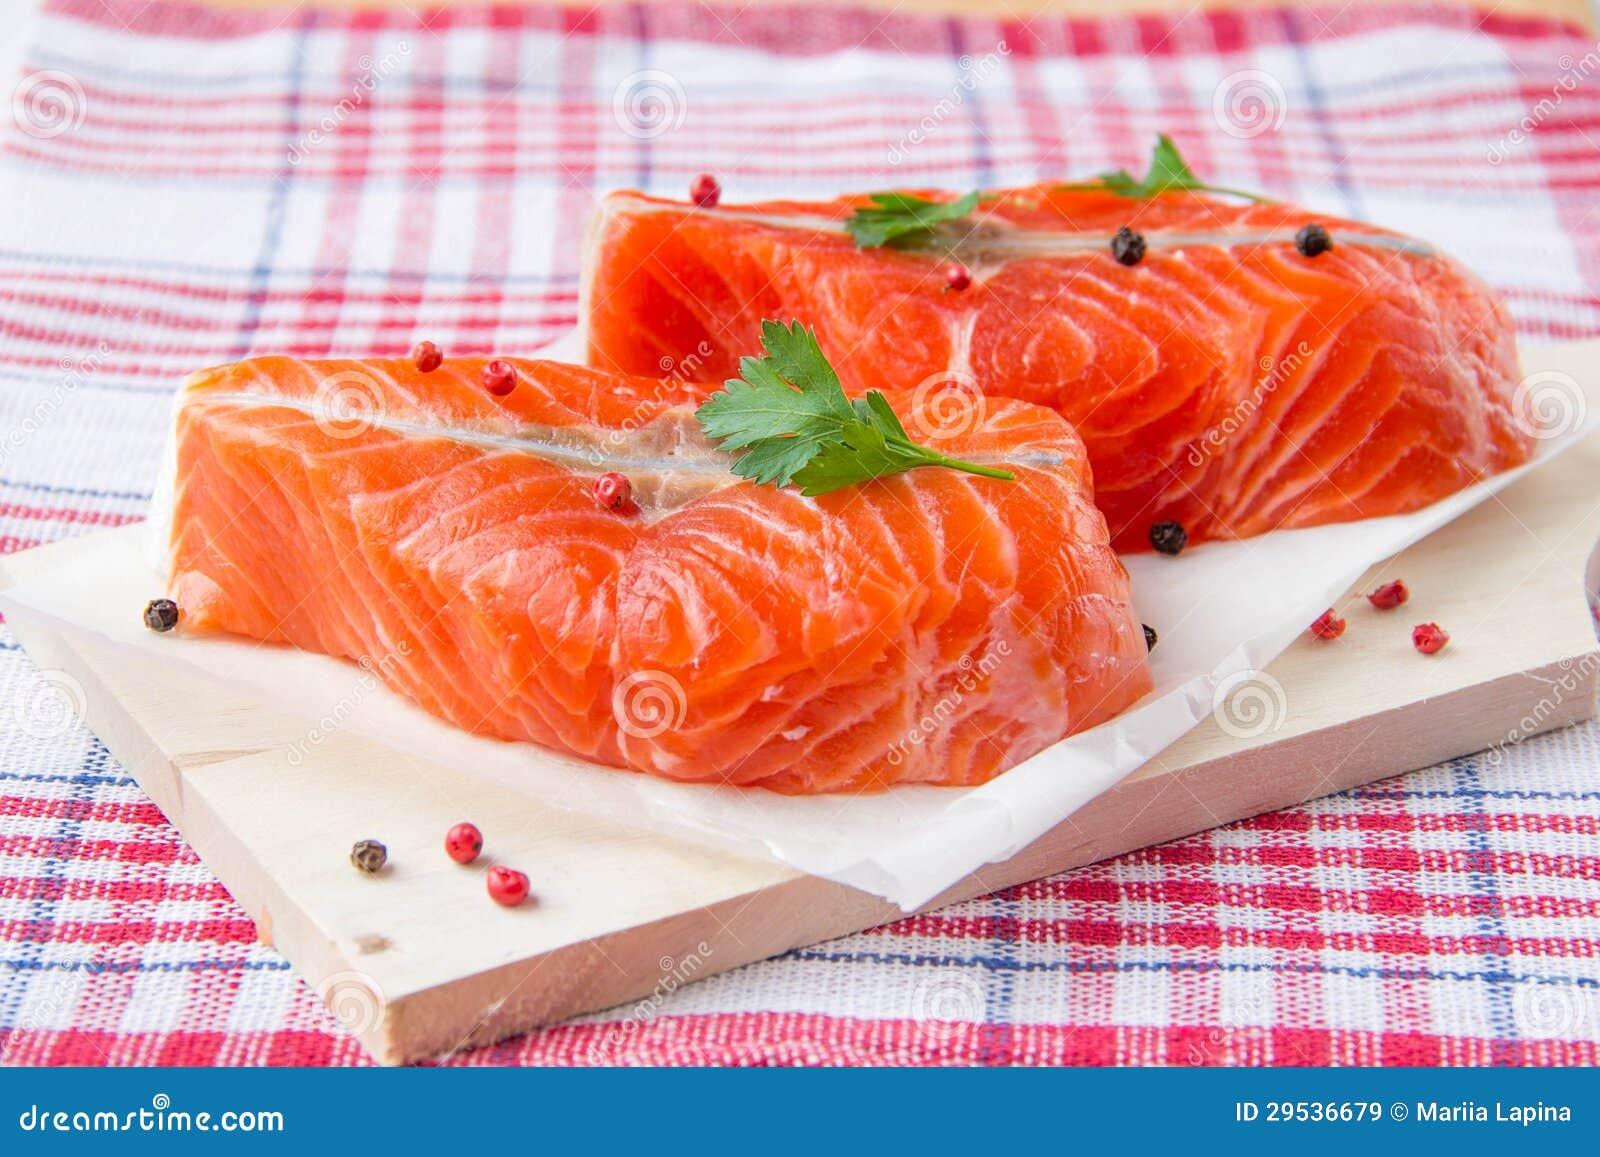 Faixa de peixes vermelhos